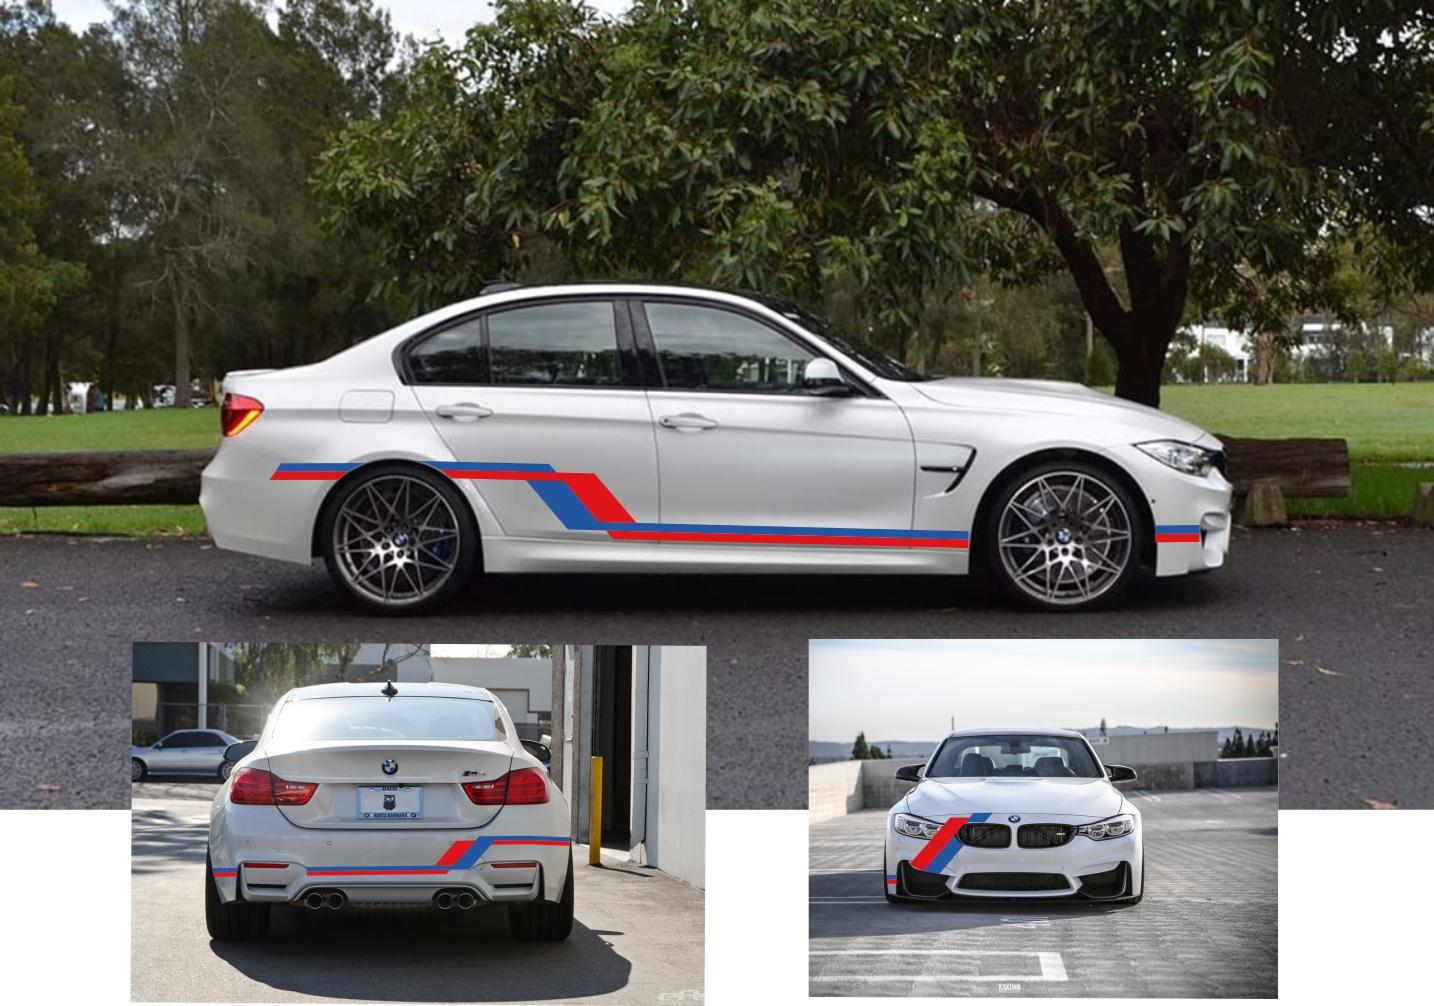 Upmarket Elegant Automotive Sticker Design For Large Format